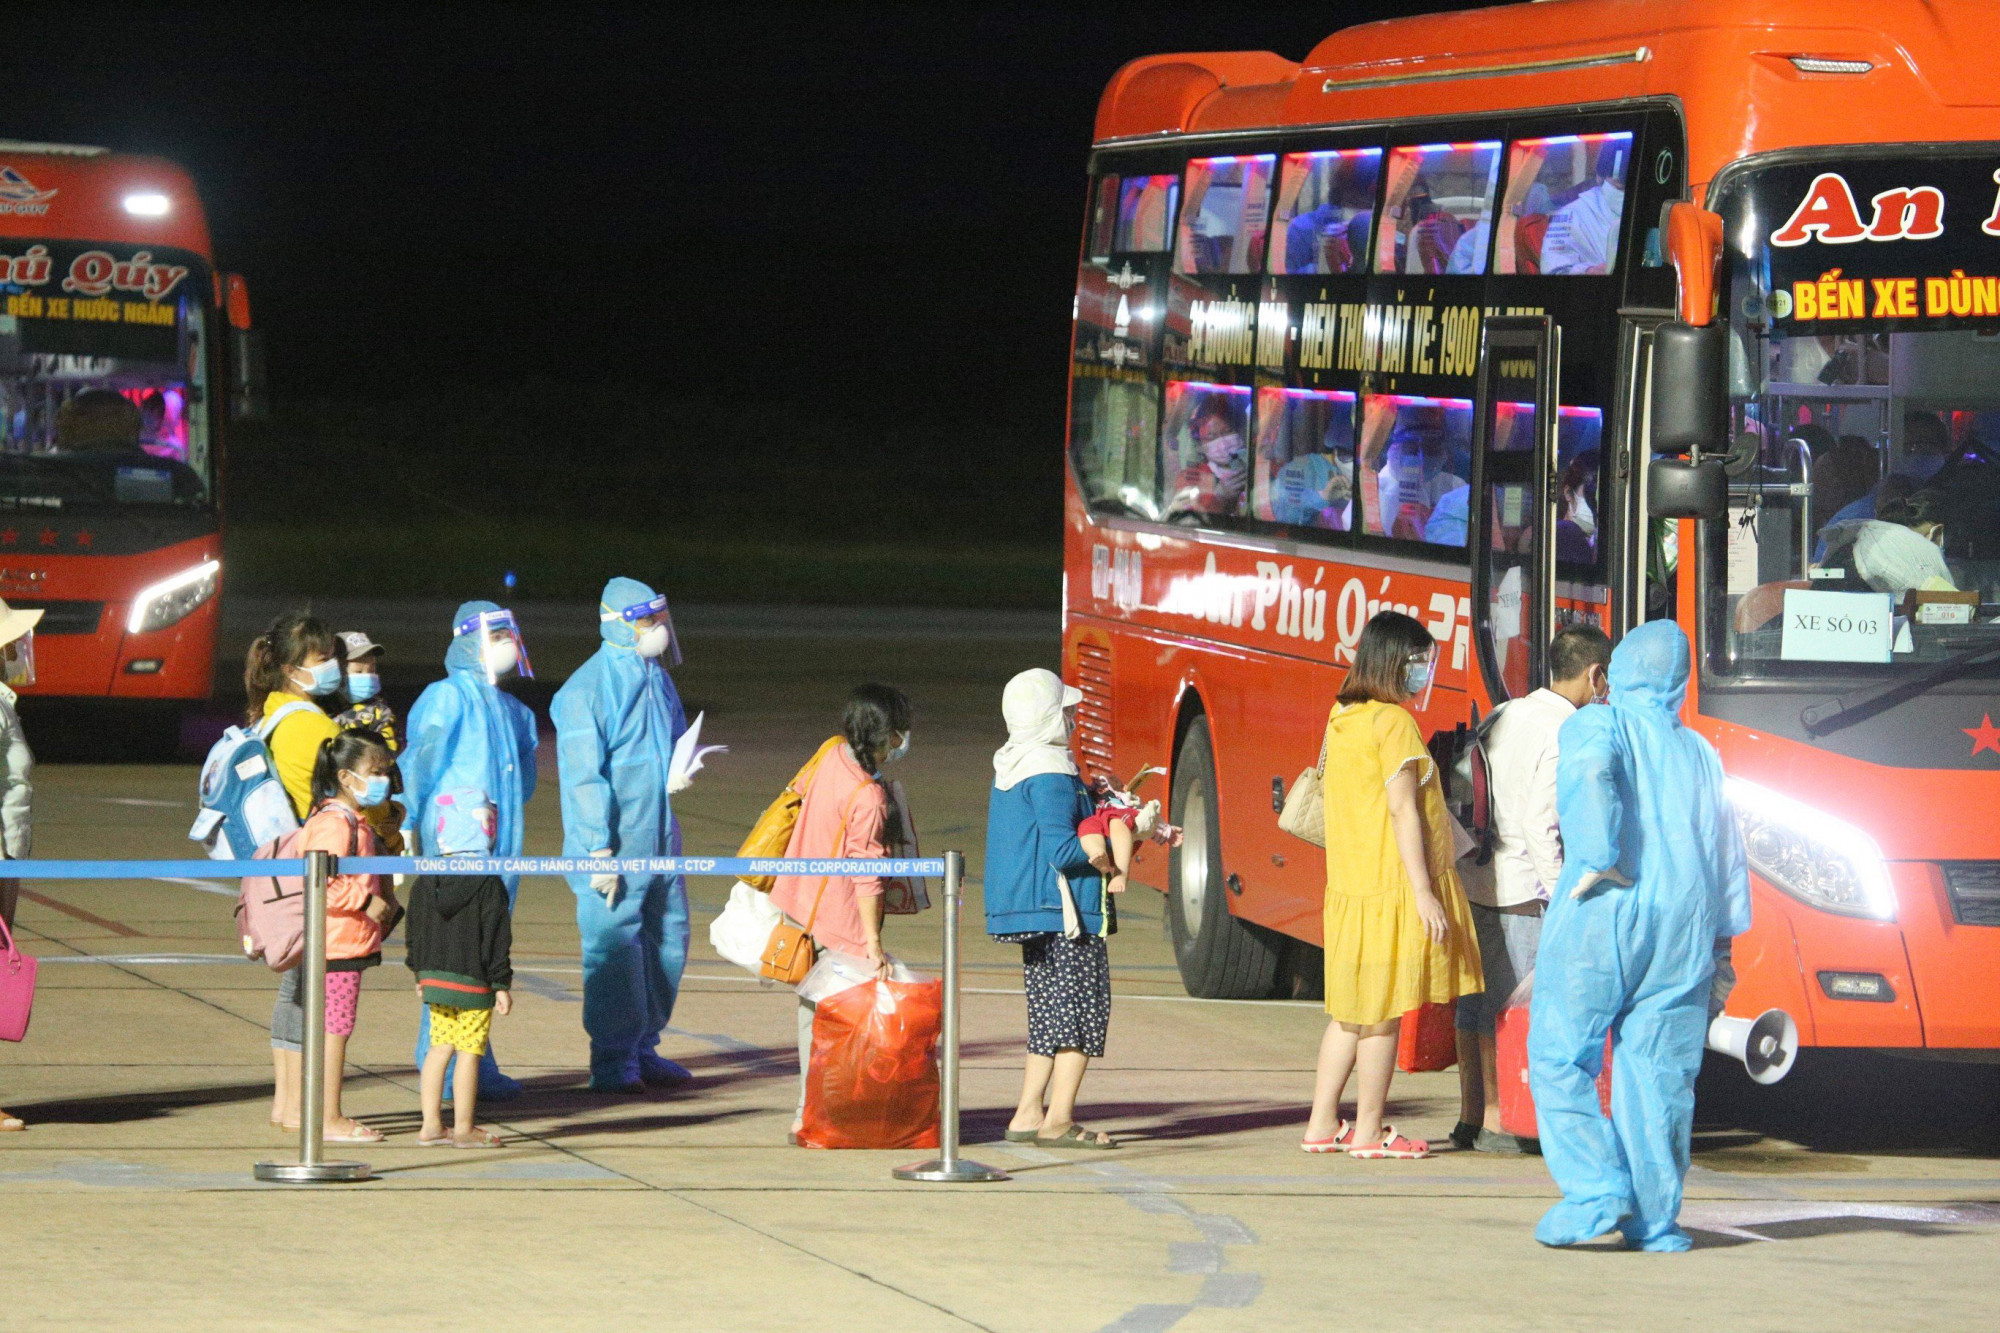 Gần 450 người dân ở các tỉnh phía Nam được Nghệ An đón về miến phí bằng máy bay